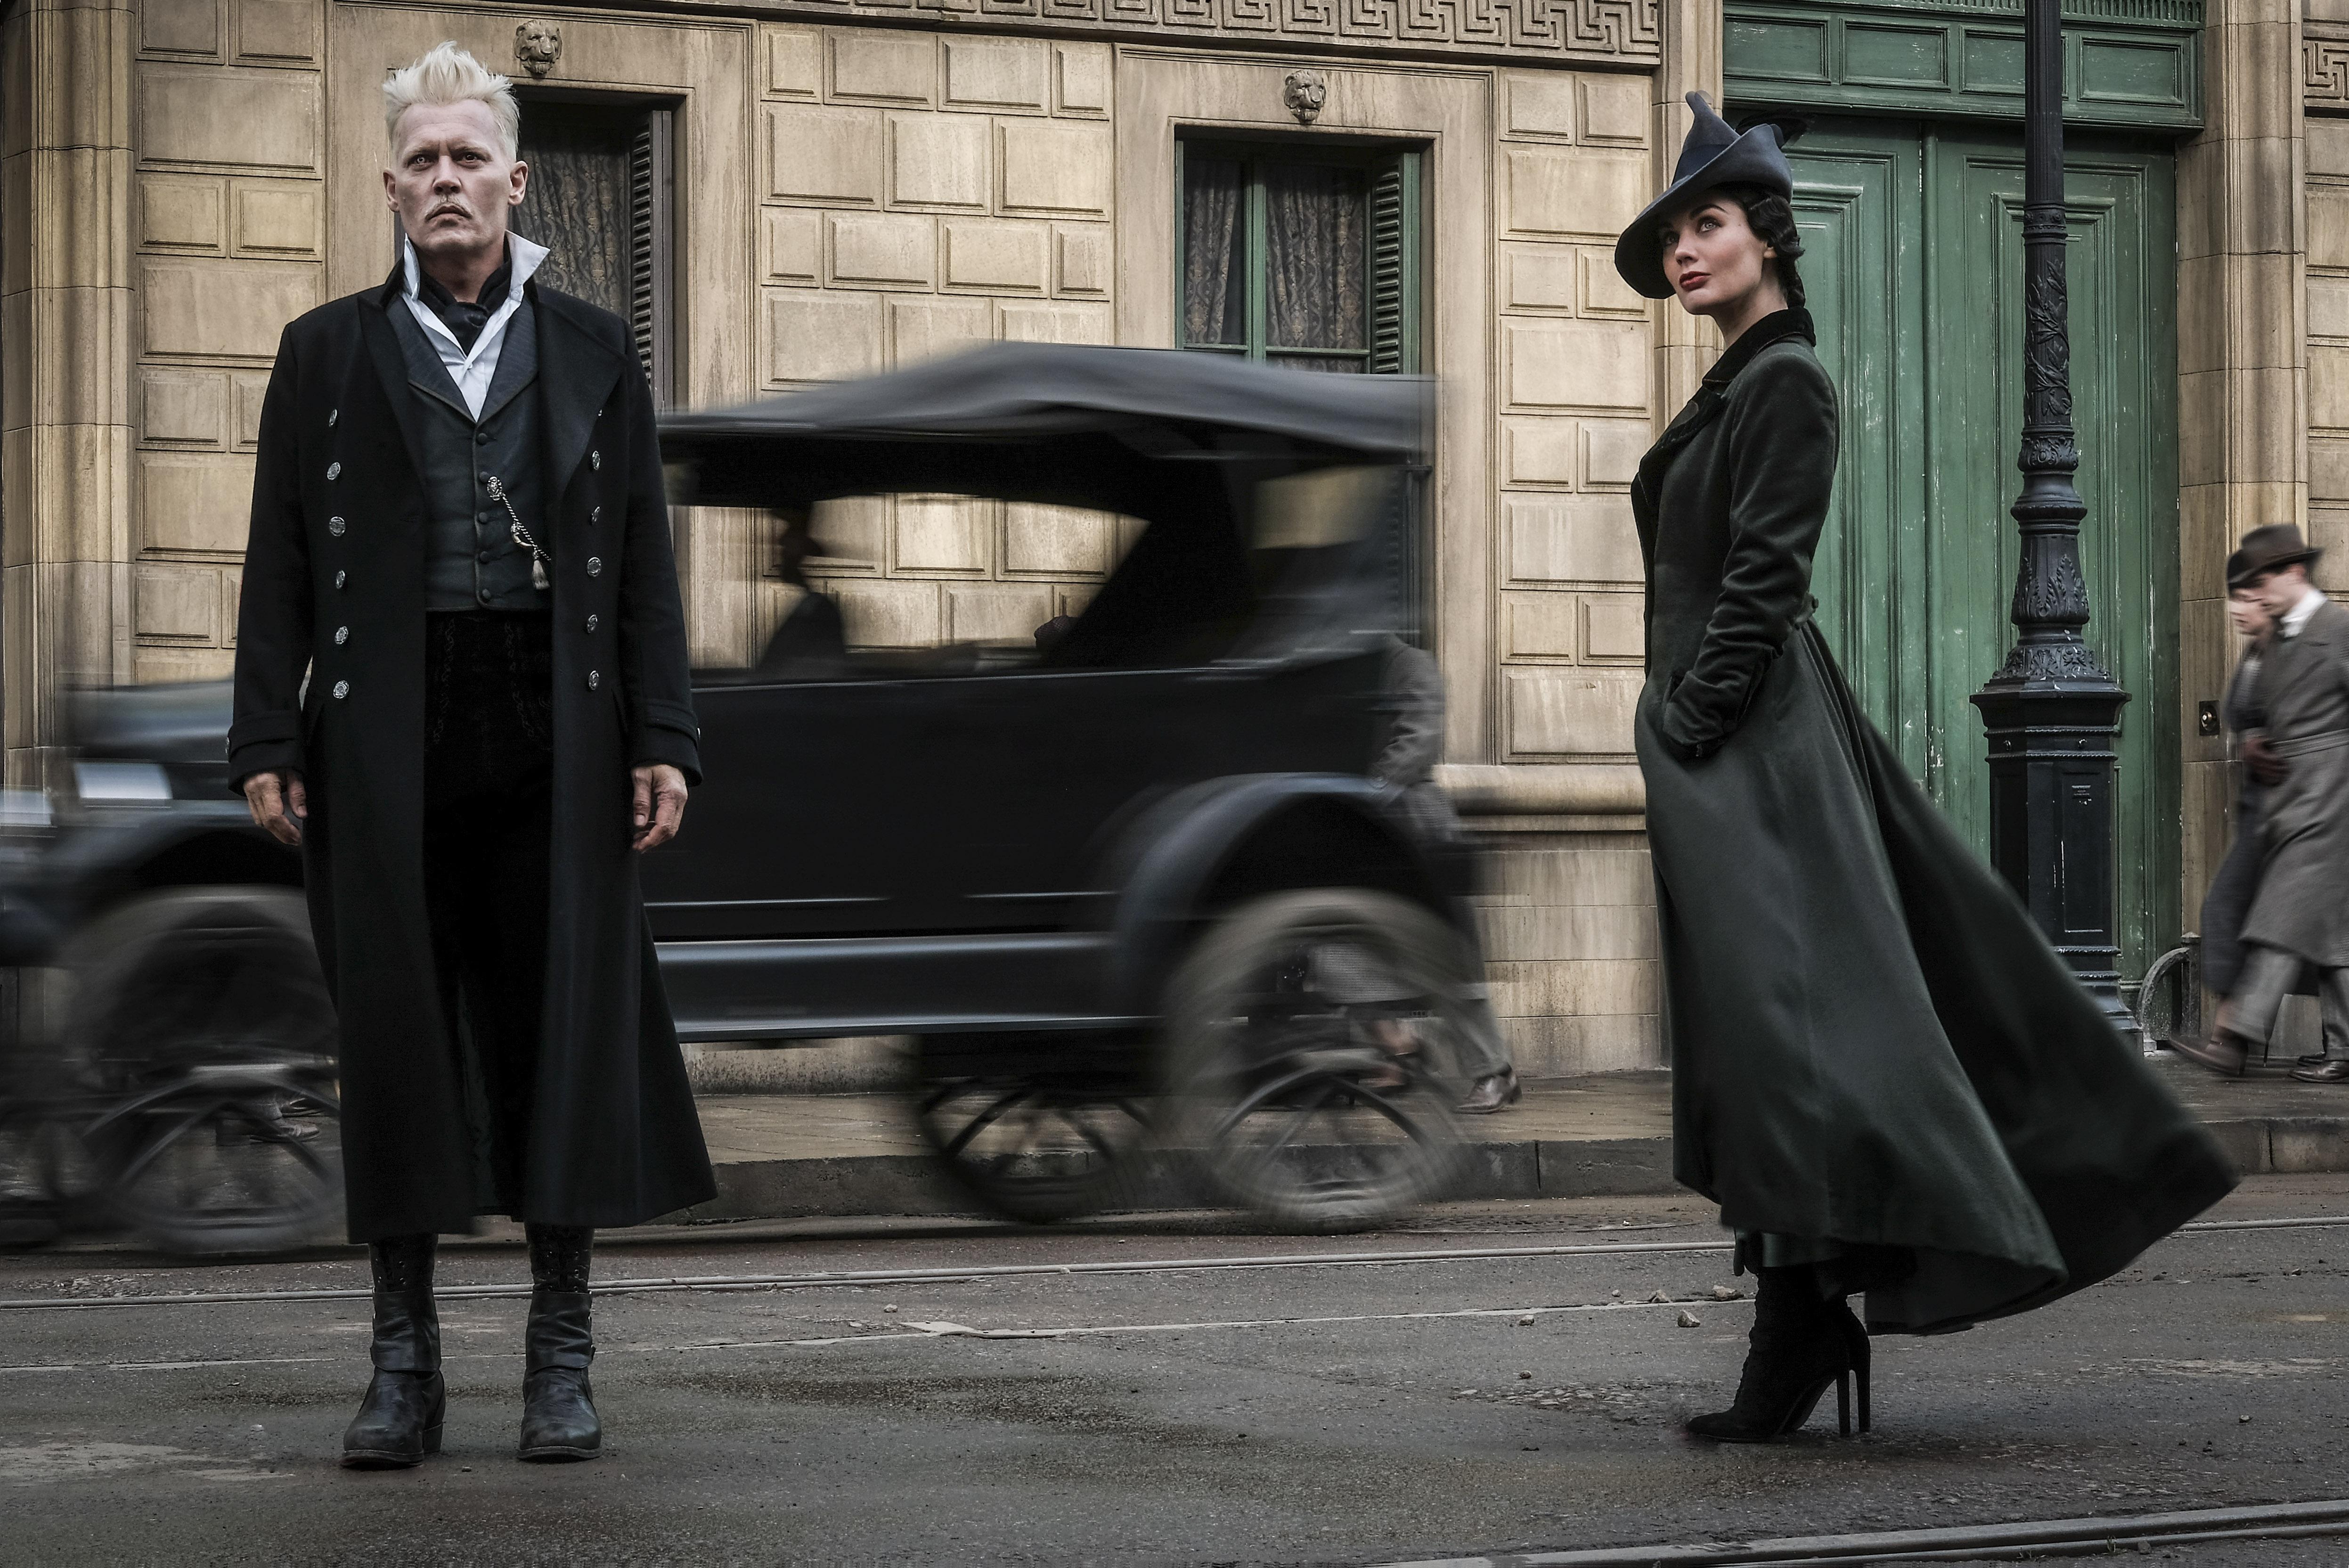 Foto de divulgação de Animais Fantásticos: Os Crimes de Grindelwald, que mostra Grindelwald e Vinda Rosier em uma rua trouxa.